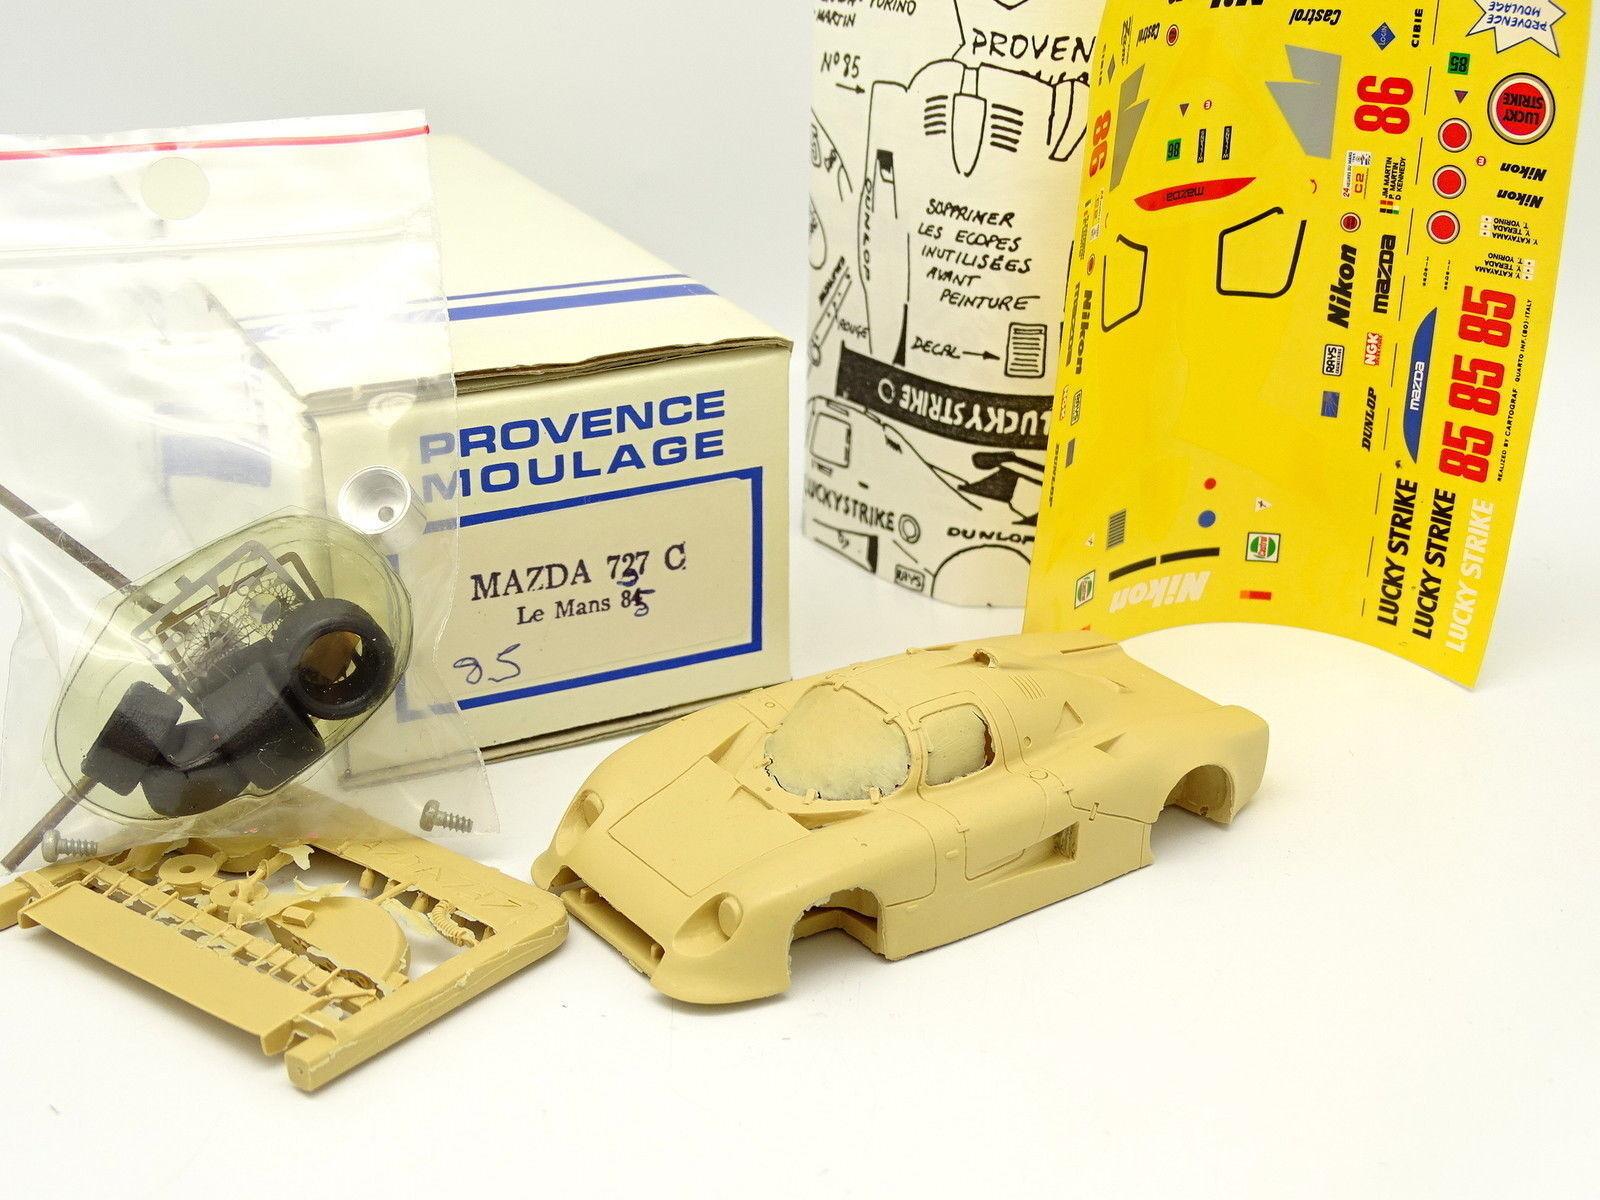 Provence Moulage Kit à Monter 1 43 - Mazda 737 C Le Mans 1985